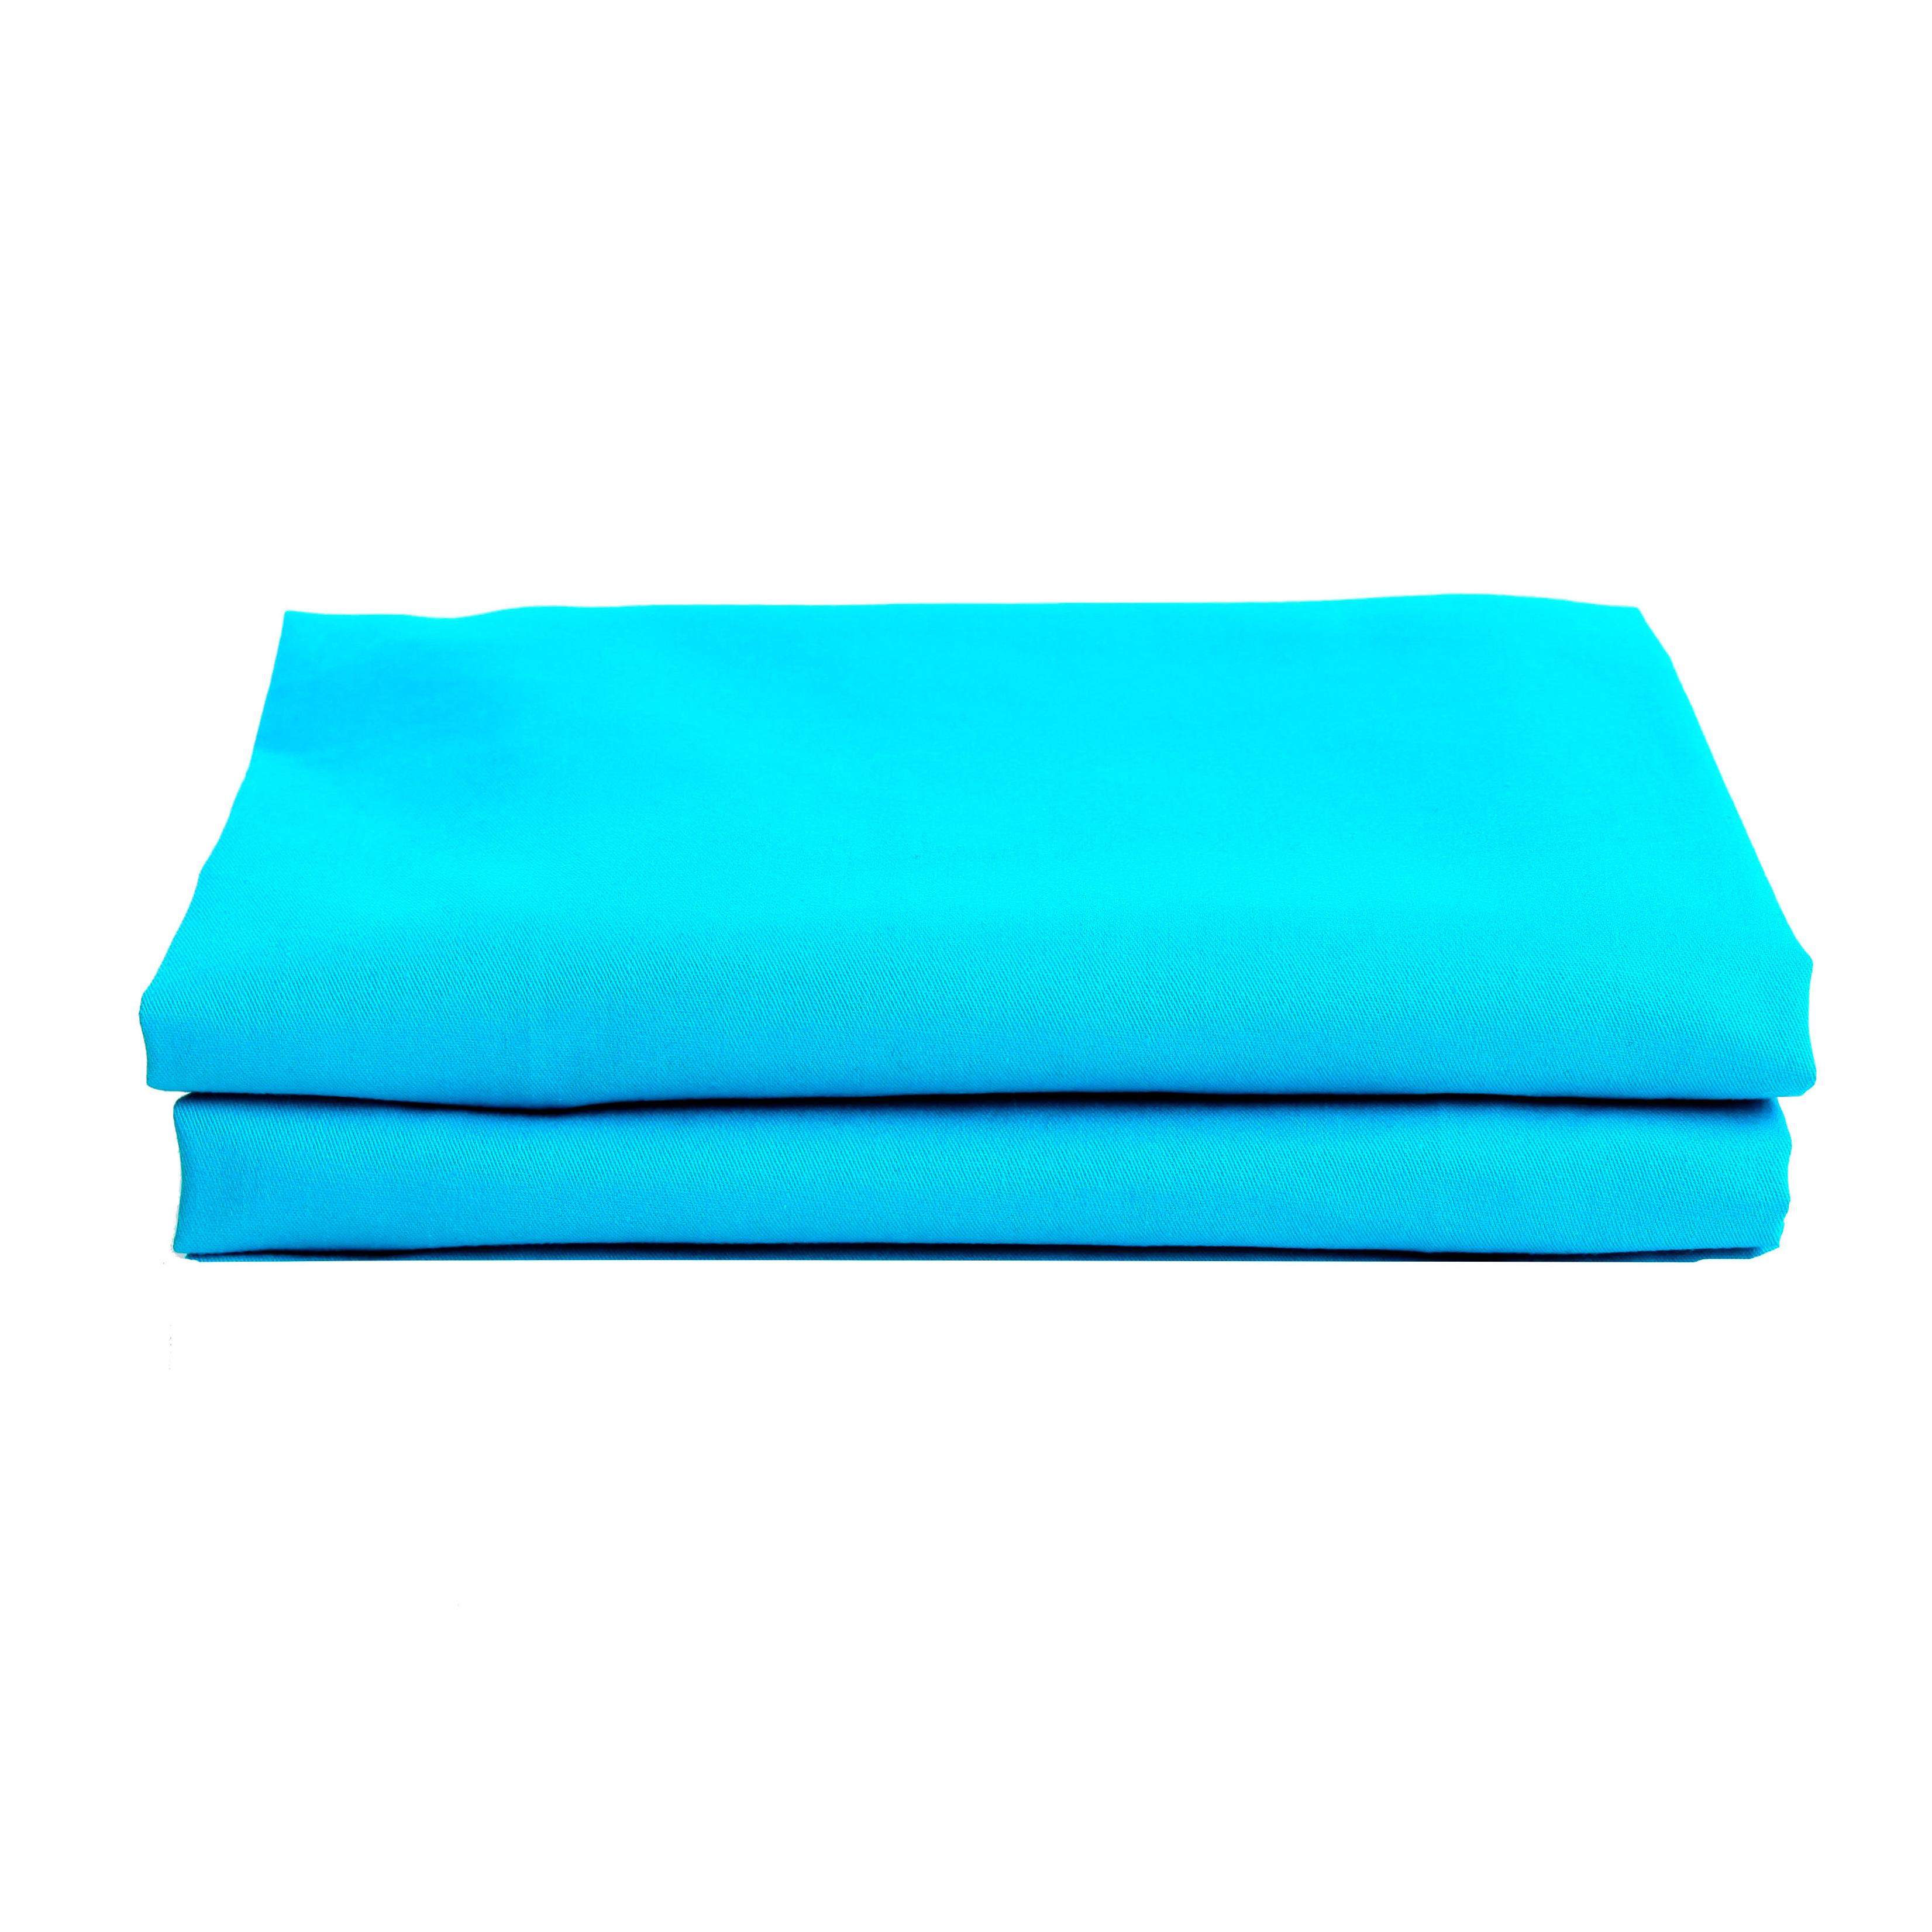 Sleepbag lagner - Blå - 2 stk.